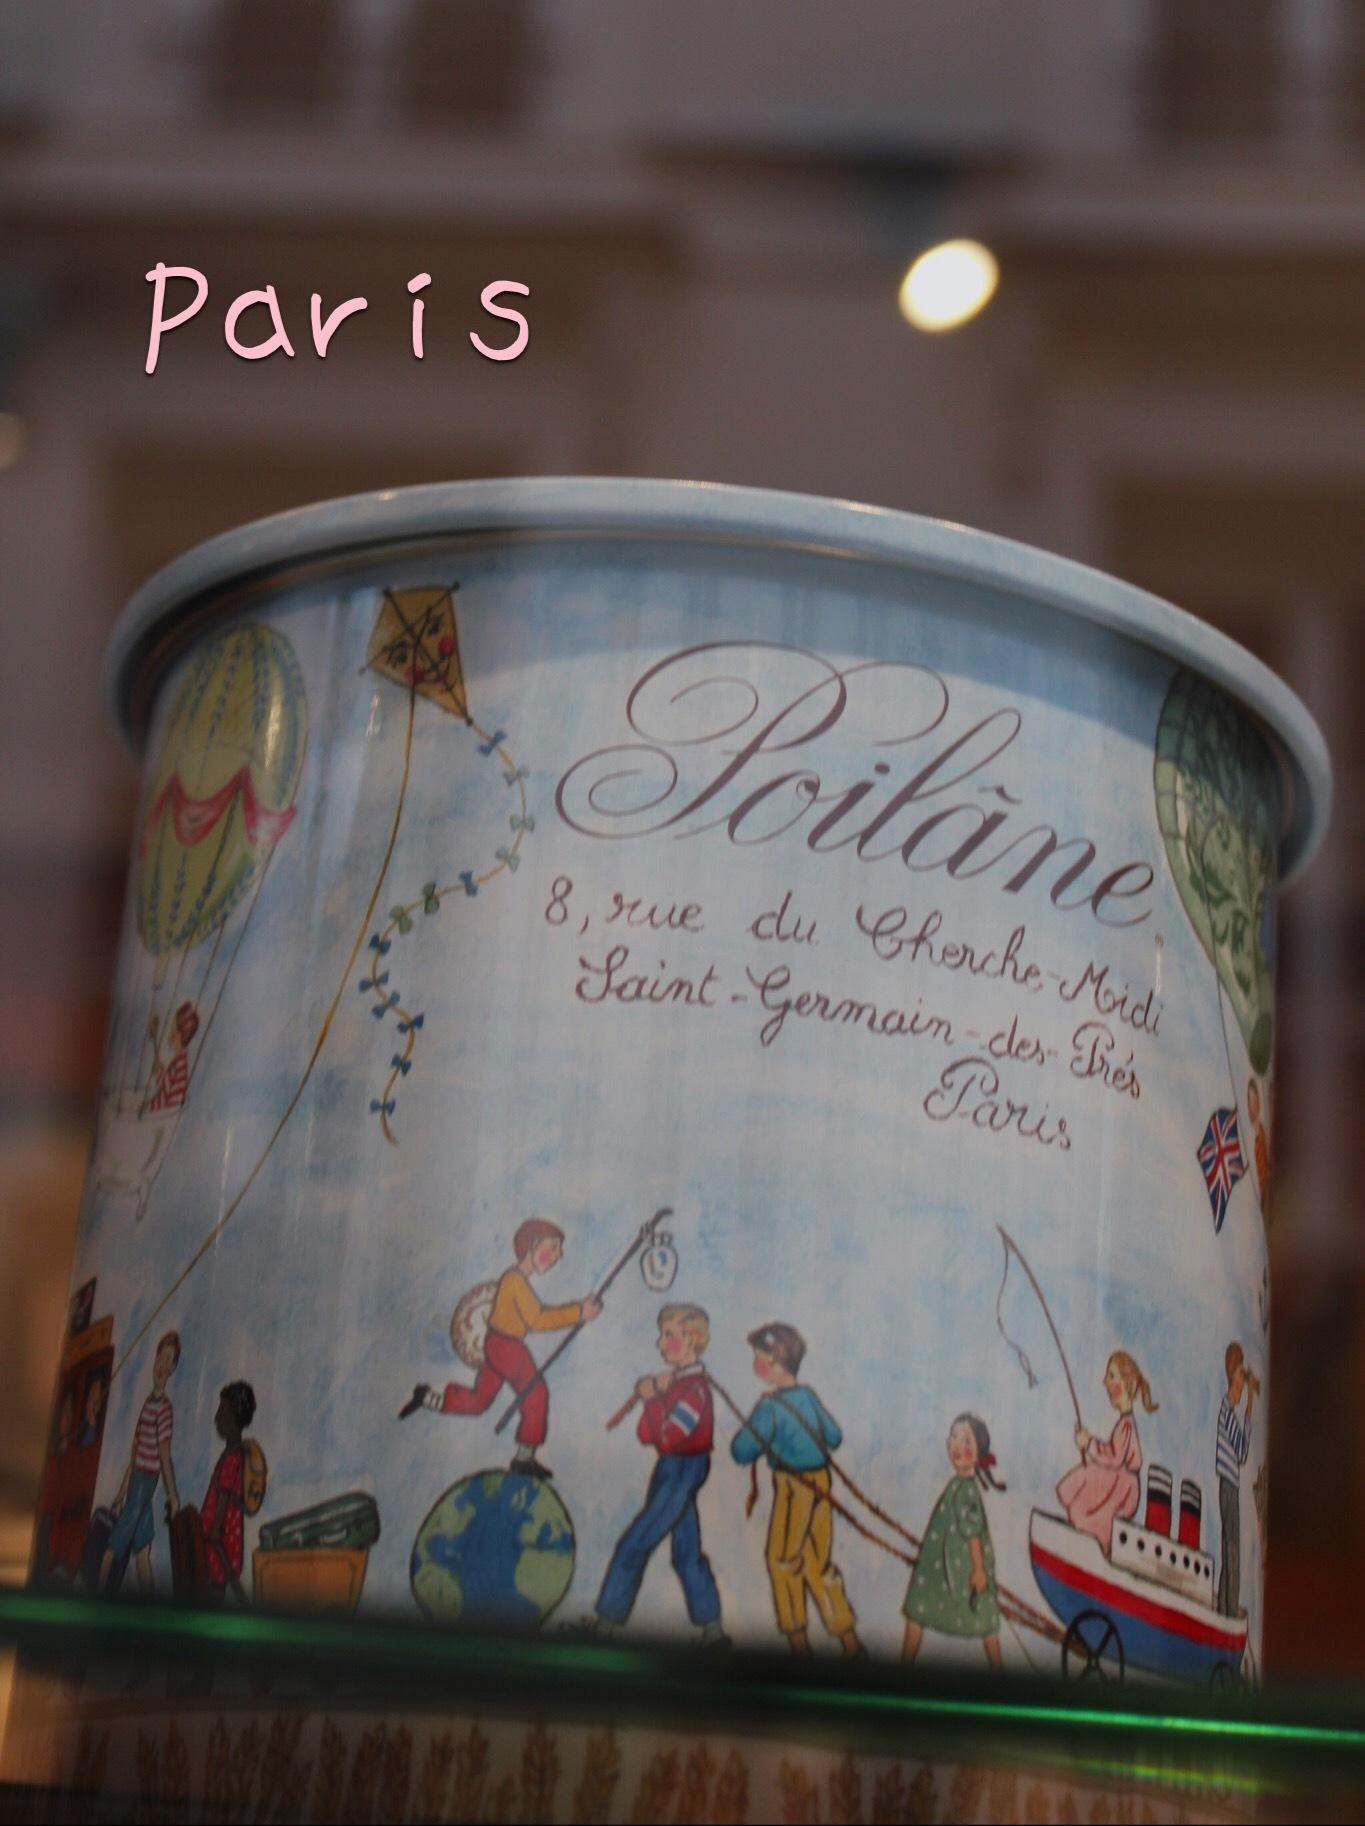 パリの旅日記!サンジェルマン・デプレ*⃝̣◌︎⑅⃝︎◍︎♡︎◌︎*⃝̥◍︎♡︎_a0213806_16571995.jpeg